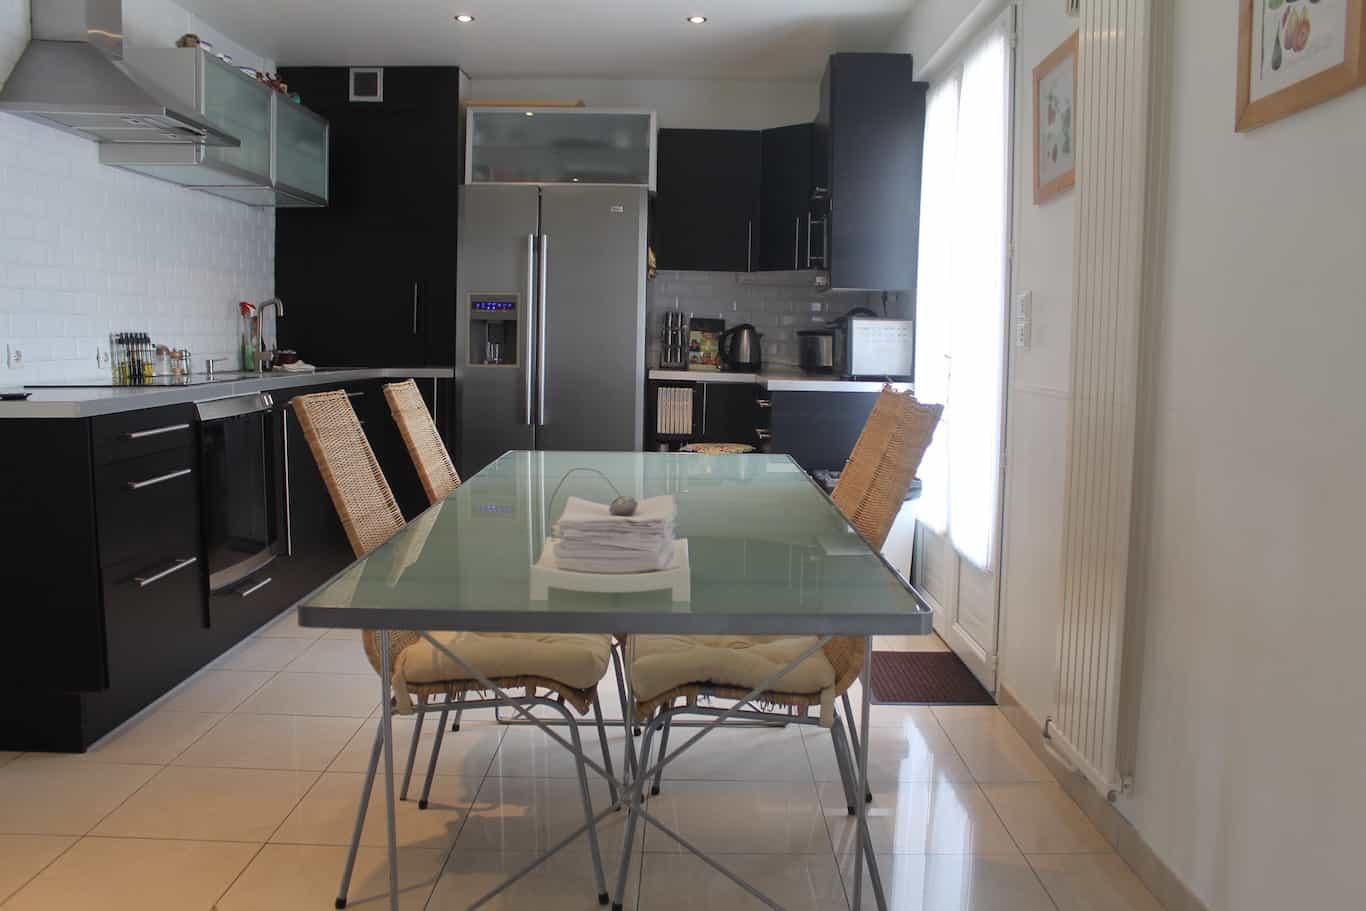 Maison contemporaine for Parquet carrelage champigny sur marne